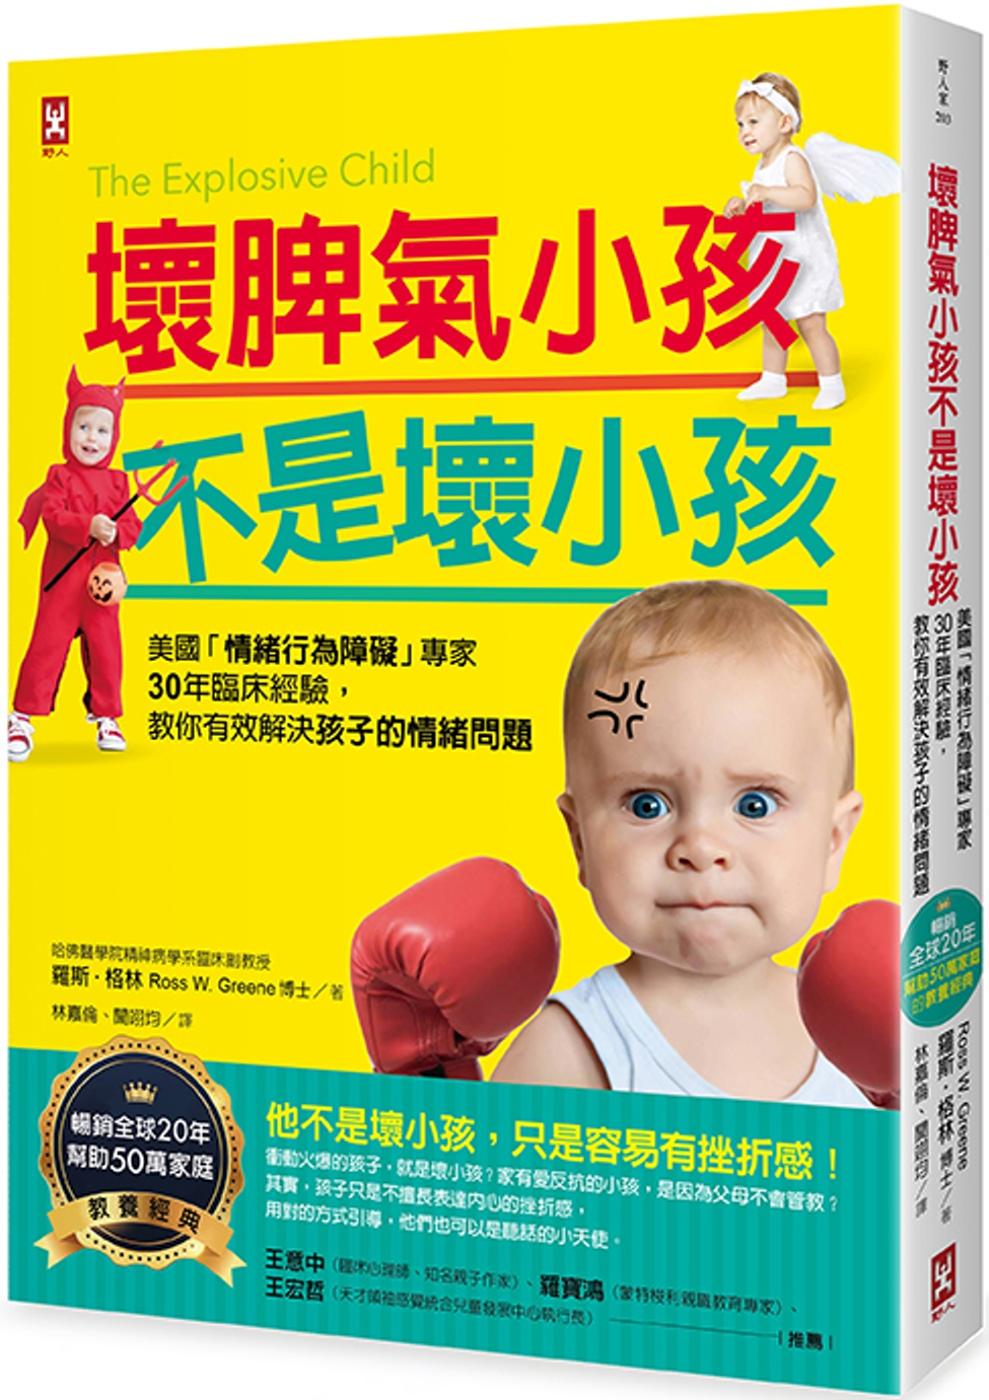 壞脾氣小孩不是壞小孩:美國「情緒行為障礙」專家30年臨床經驗,教你有效解決孩子的情緒問題【暢銷全球20年,幫助50萬家庭的教養經典】